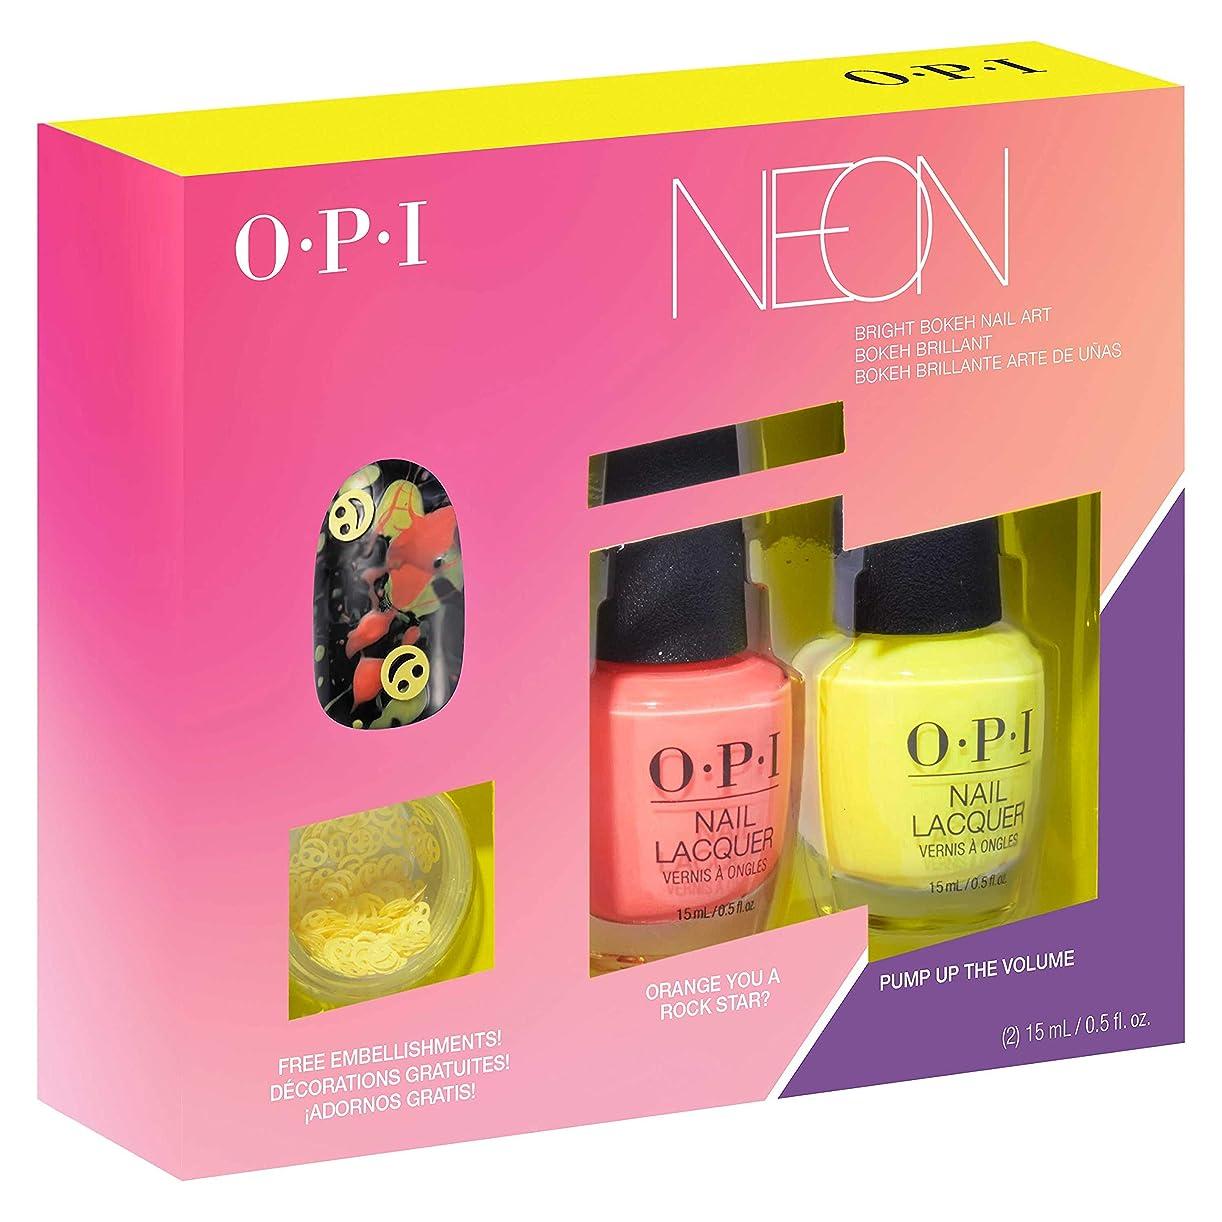 からに変化する概念乳OPI(オーピーアイ) ネオン バイ オーピーアイ ネイルラッカー デュオパック #2